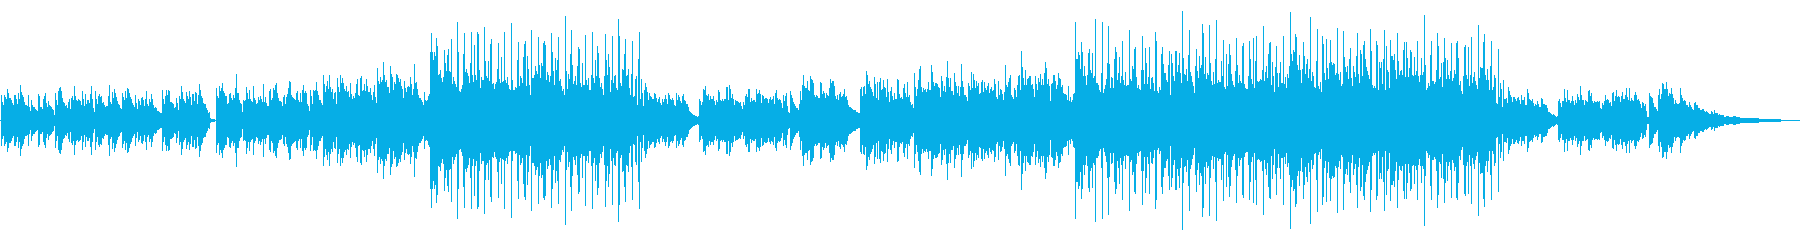 【メロ抜き】ノスタルジックなアコギアンサの再生済みの波形